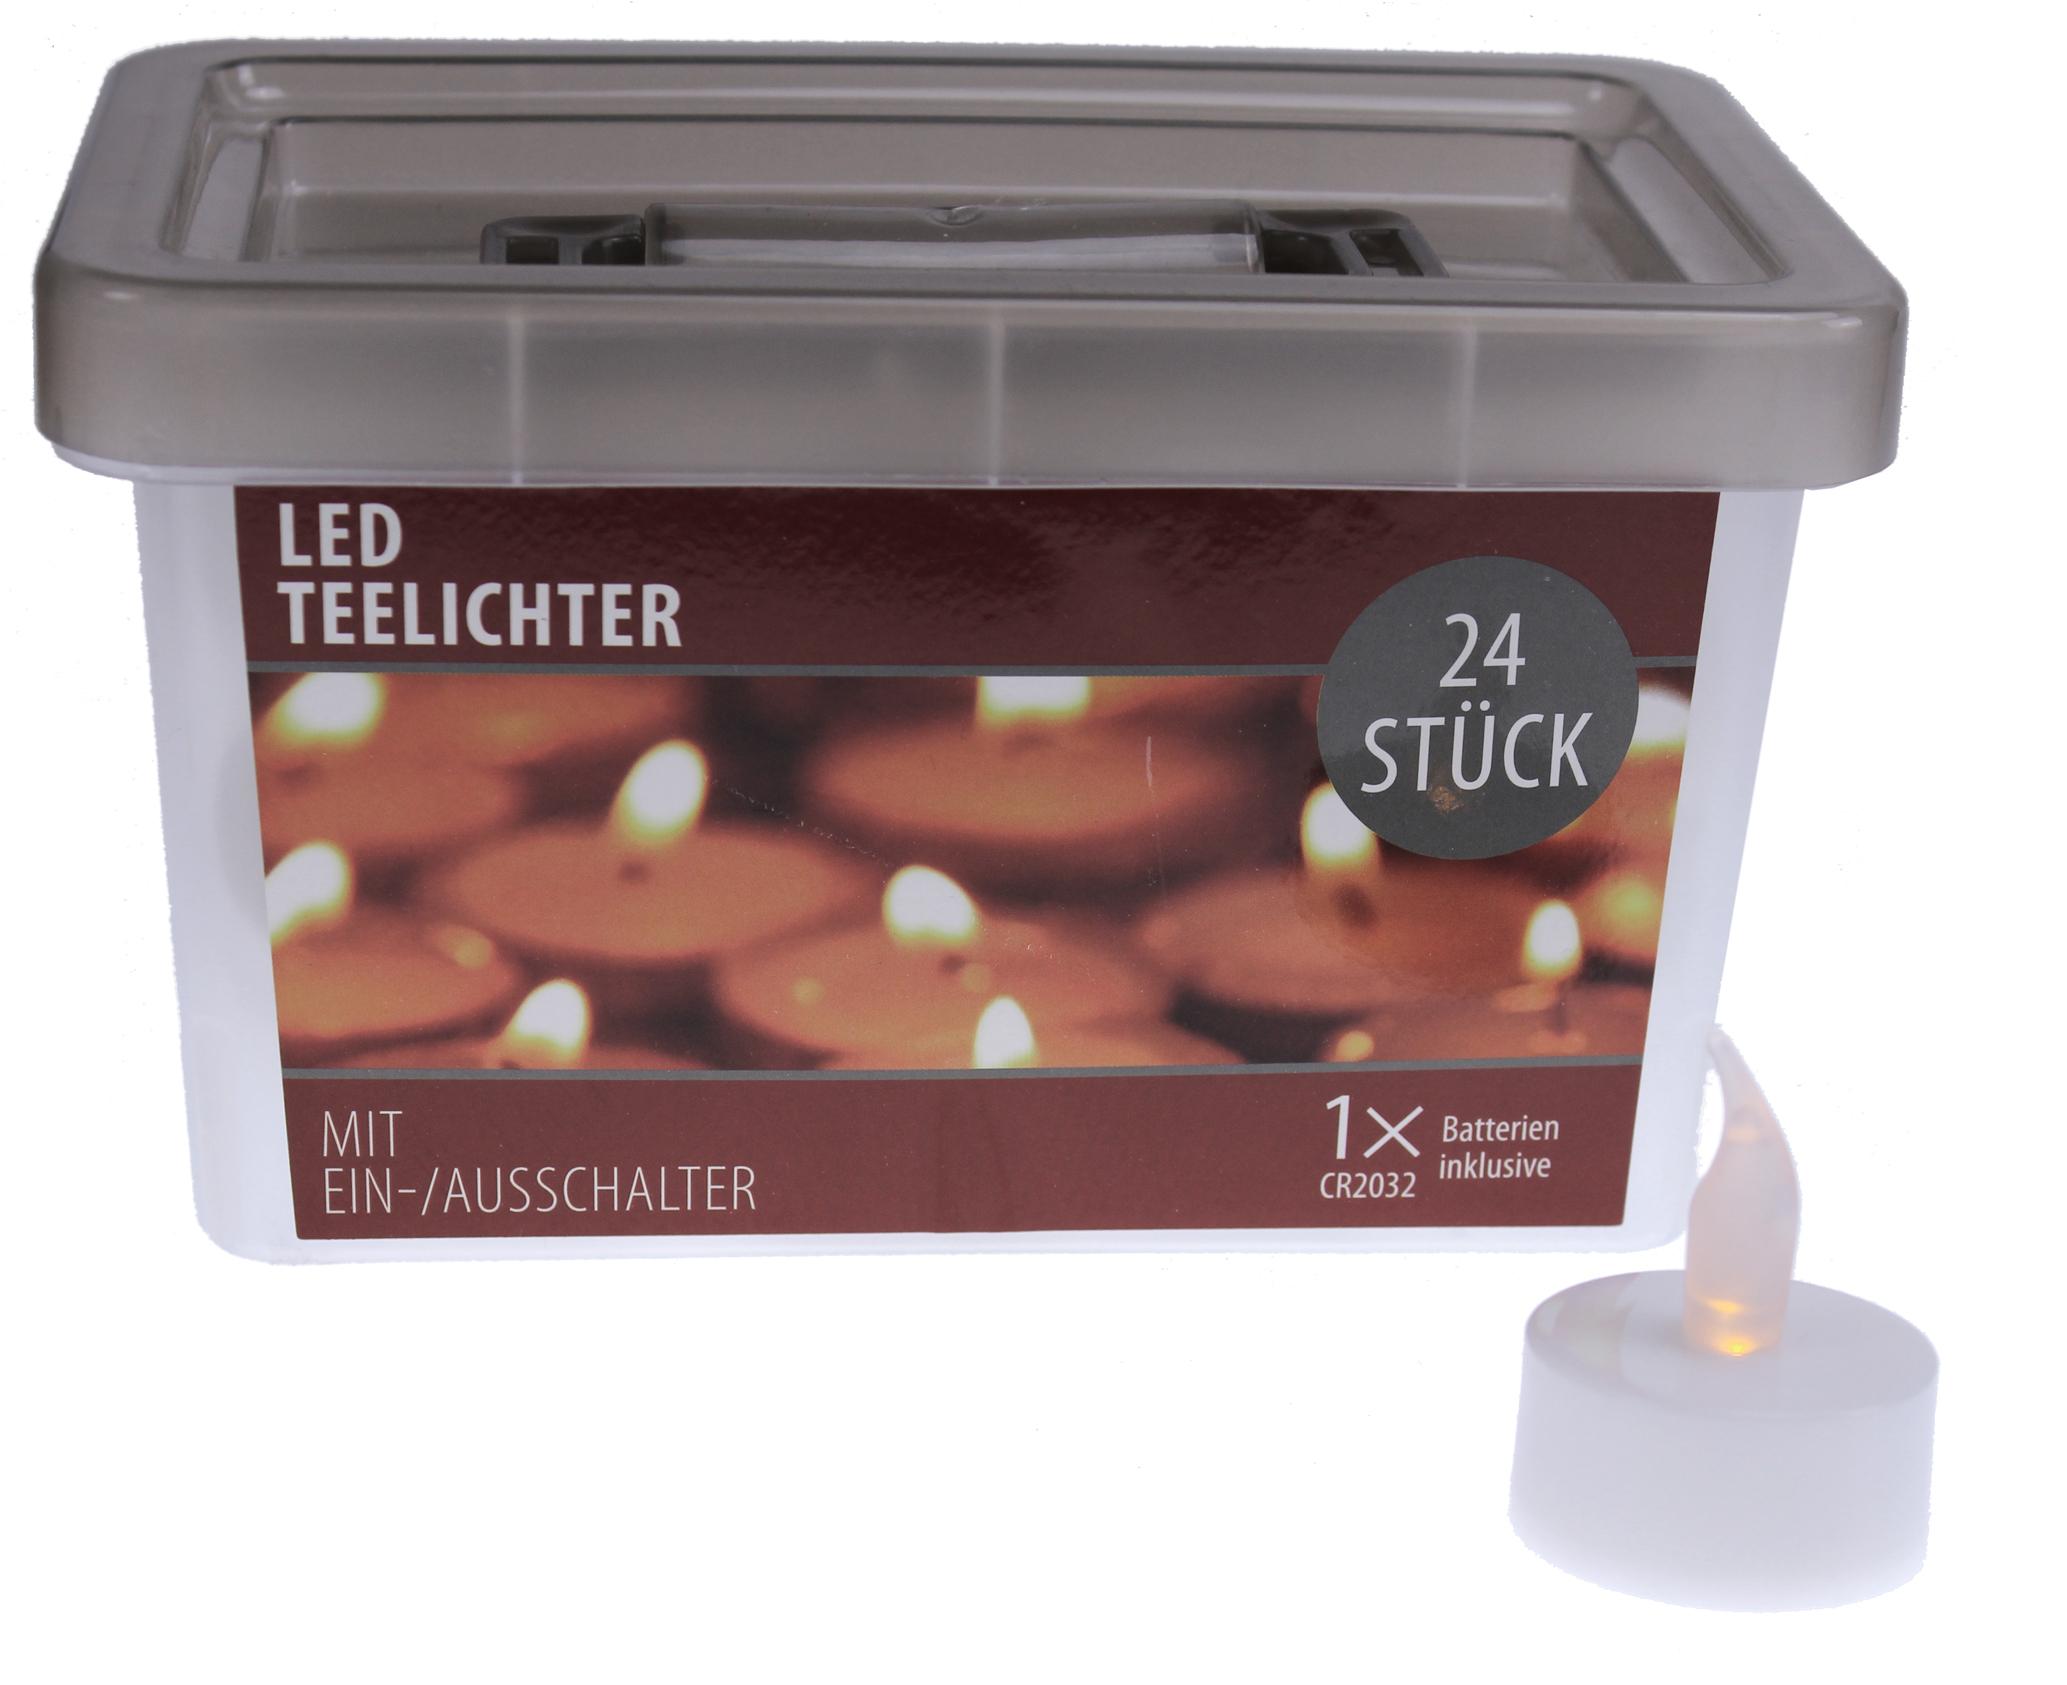 24 led teelichter flackerlicht flackernd flammenlose teelicht kerzen batterie ebay. Black Bedroom Furniture Sets. Home Design Ideas